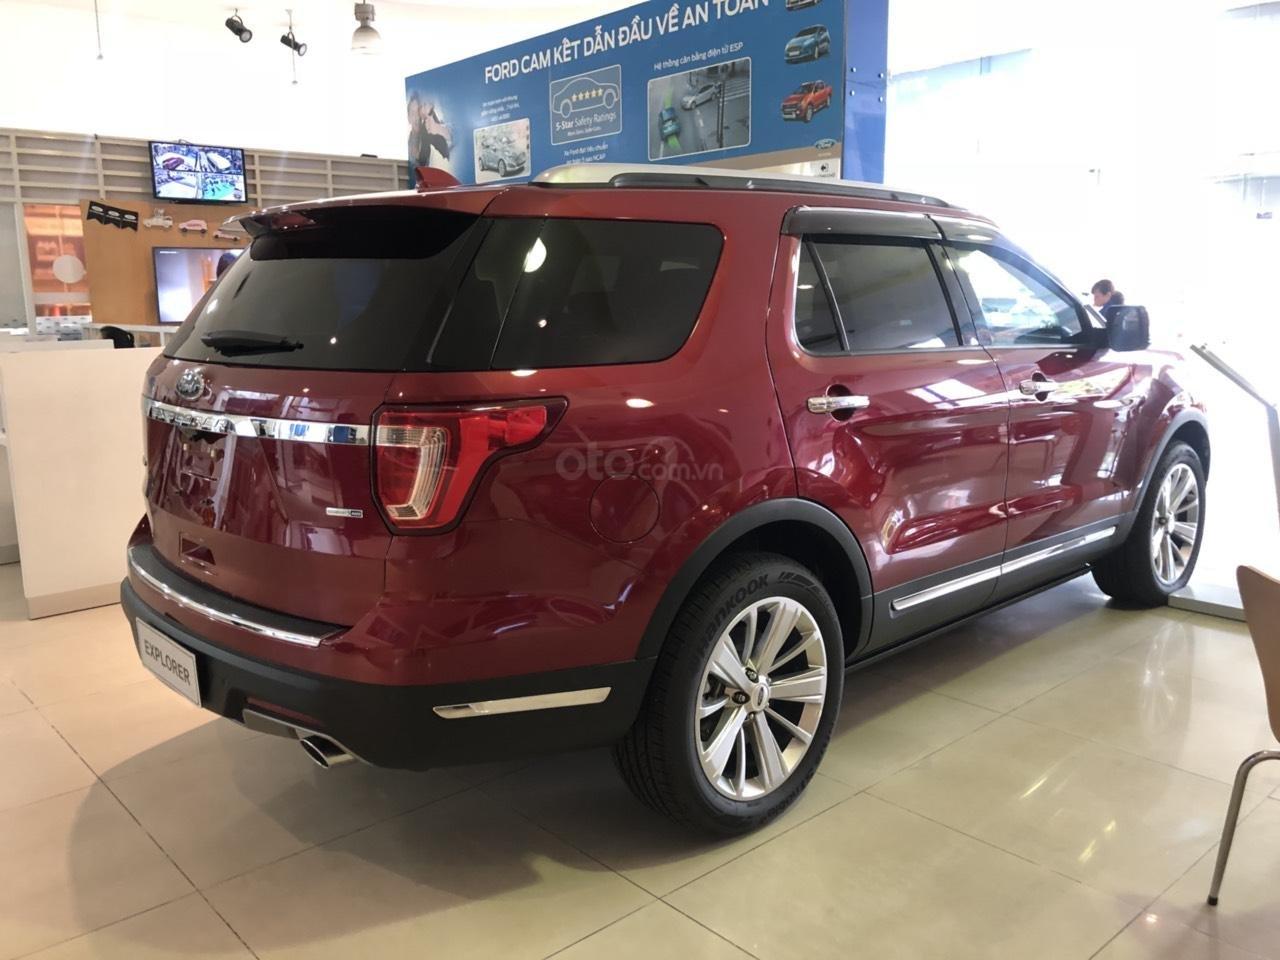 Ford Explorer Ecoboost Limited khuyến mãi khủng tặng phụ kiện giá trị (3)